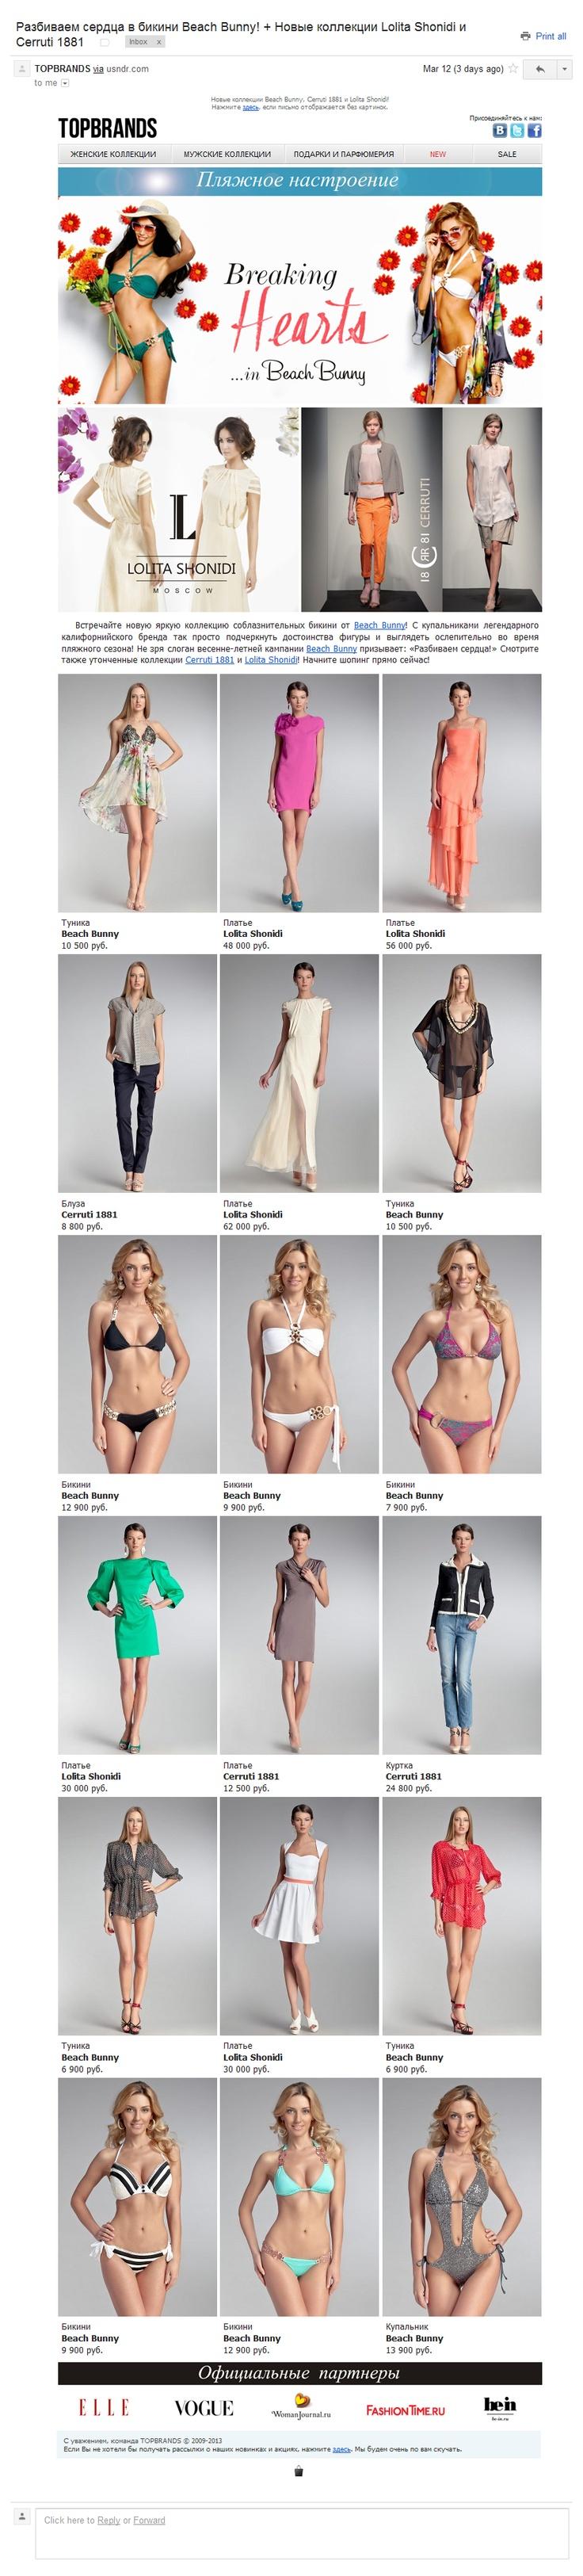 TOPBRANDS: анонсы товаров (12/03/2013). Завлекающая тема сообщения поддерживается картинками: девушки в бикини красуются слоями по всему пространству письма.